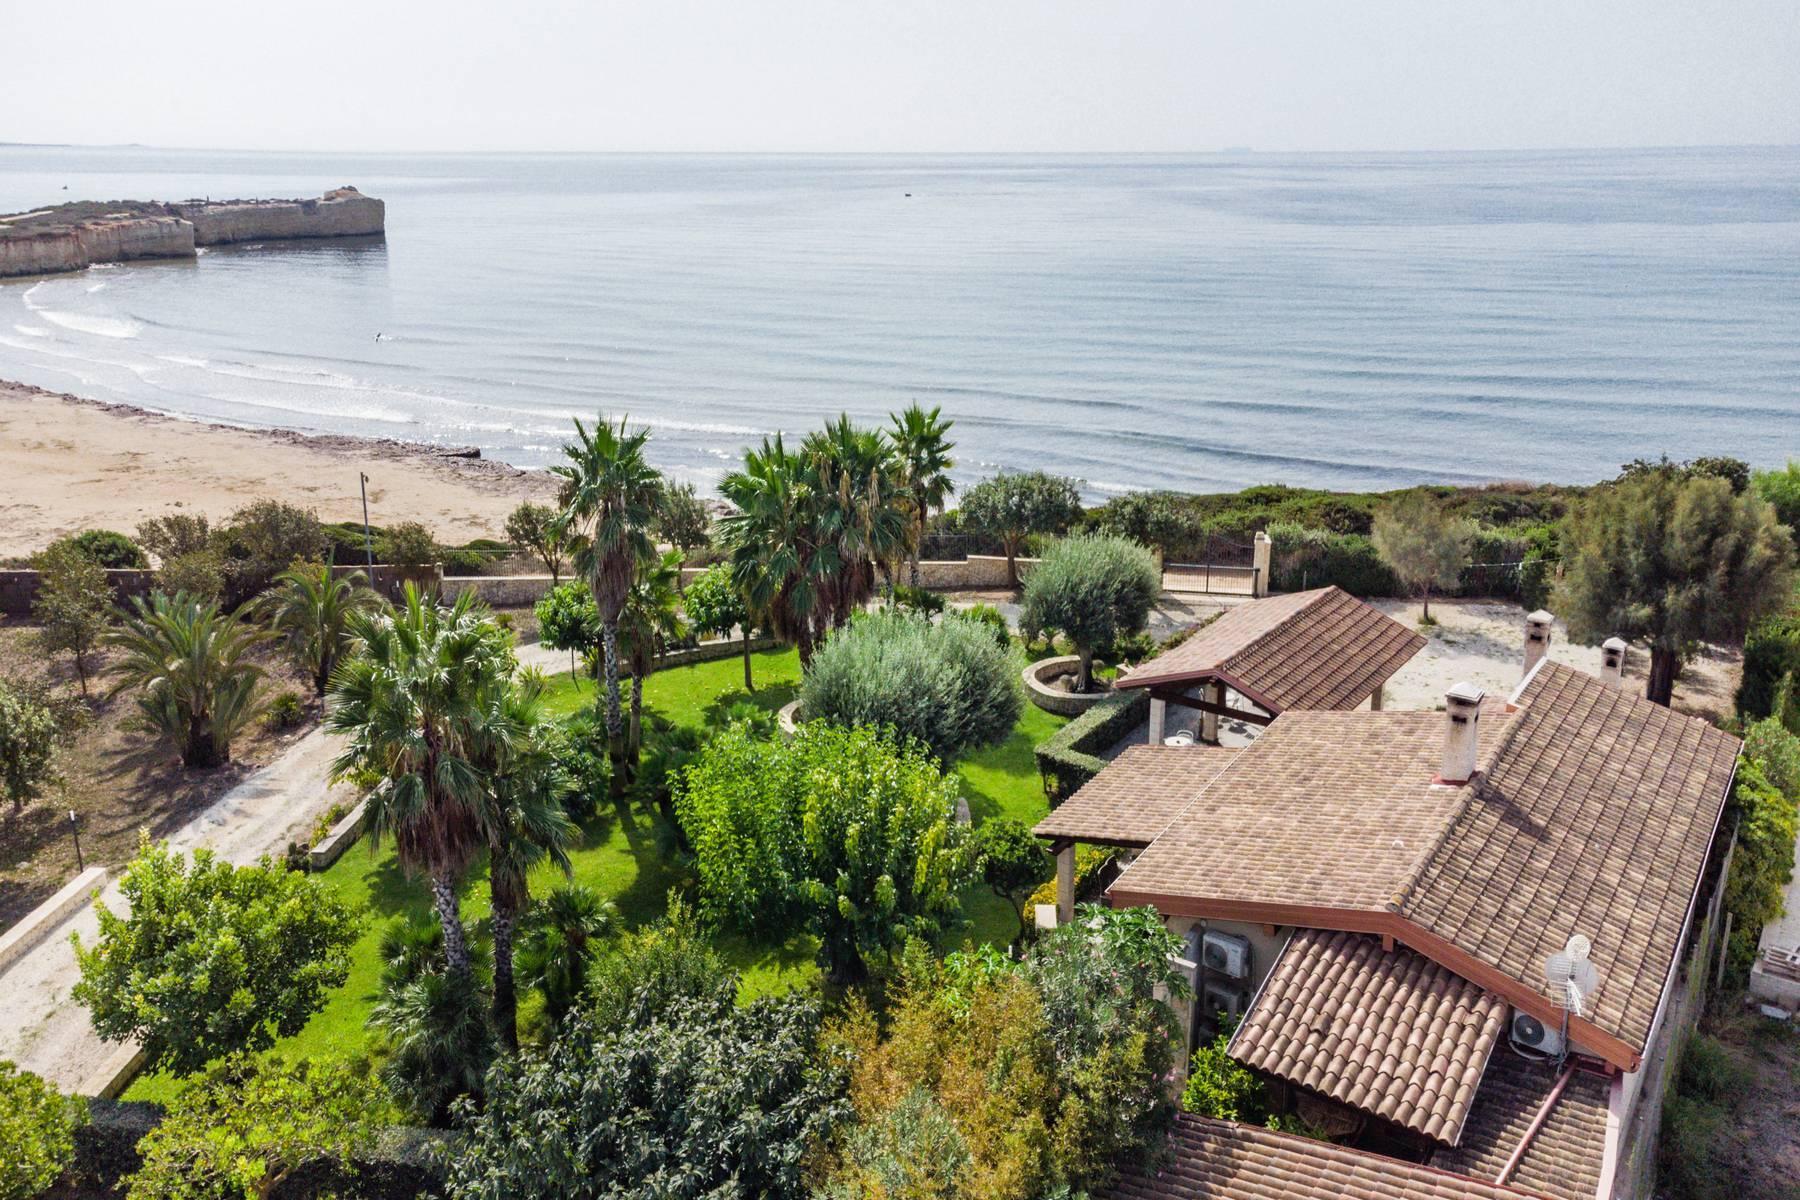 Esclusiva villa sul mare con ingresso privato in spiaggia - 1